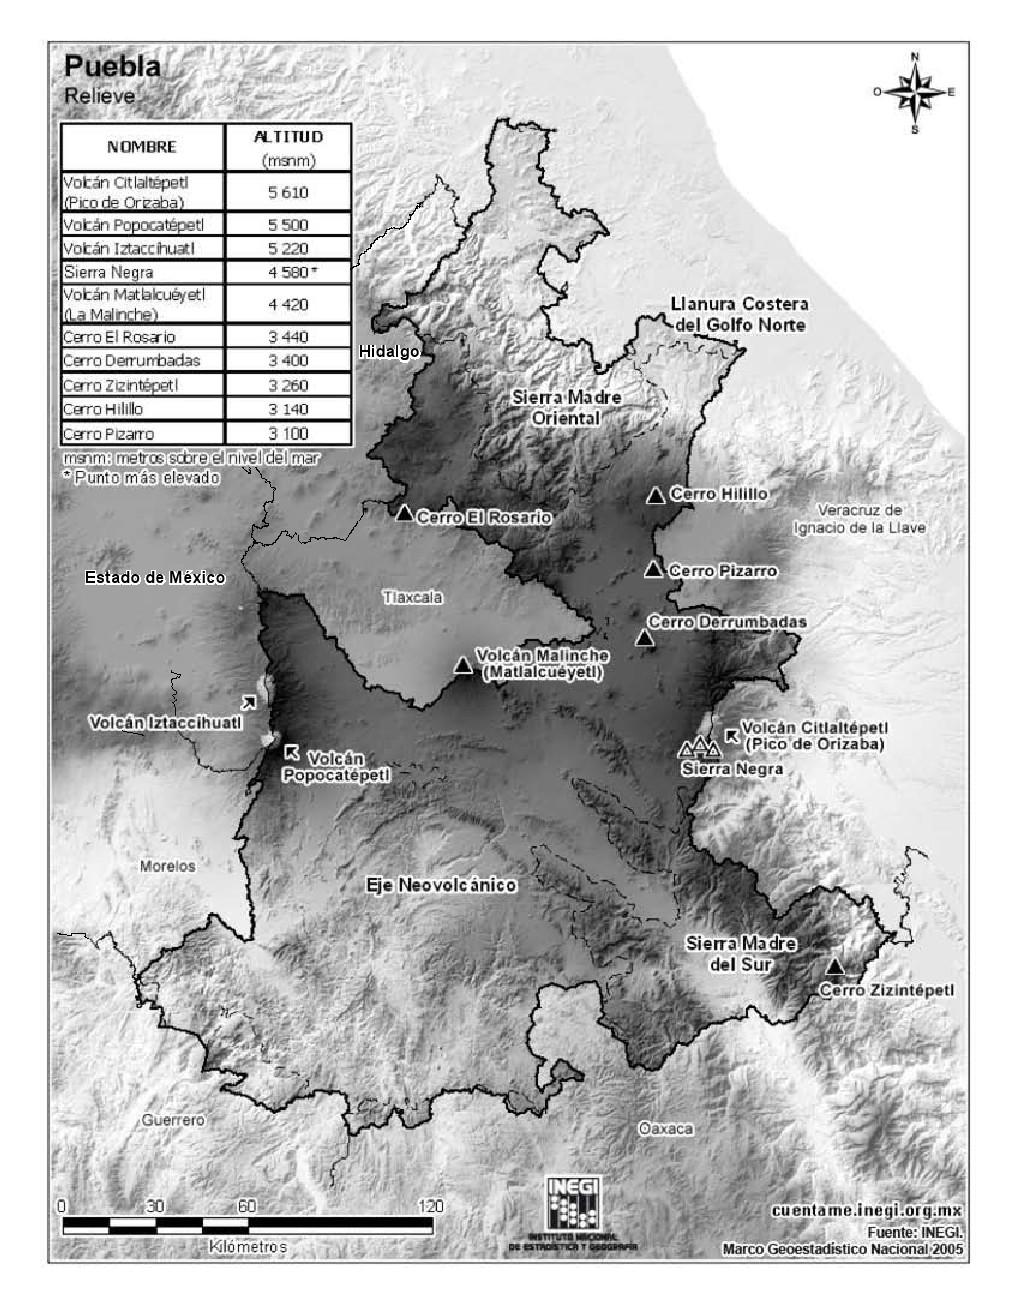 Mapa de montañas de Puebla. INEGI de México